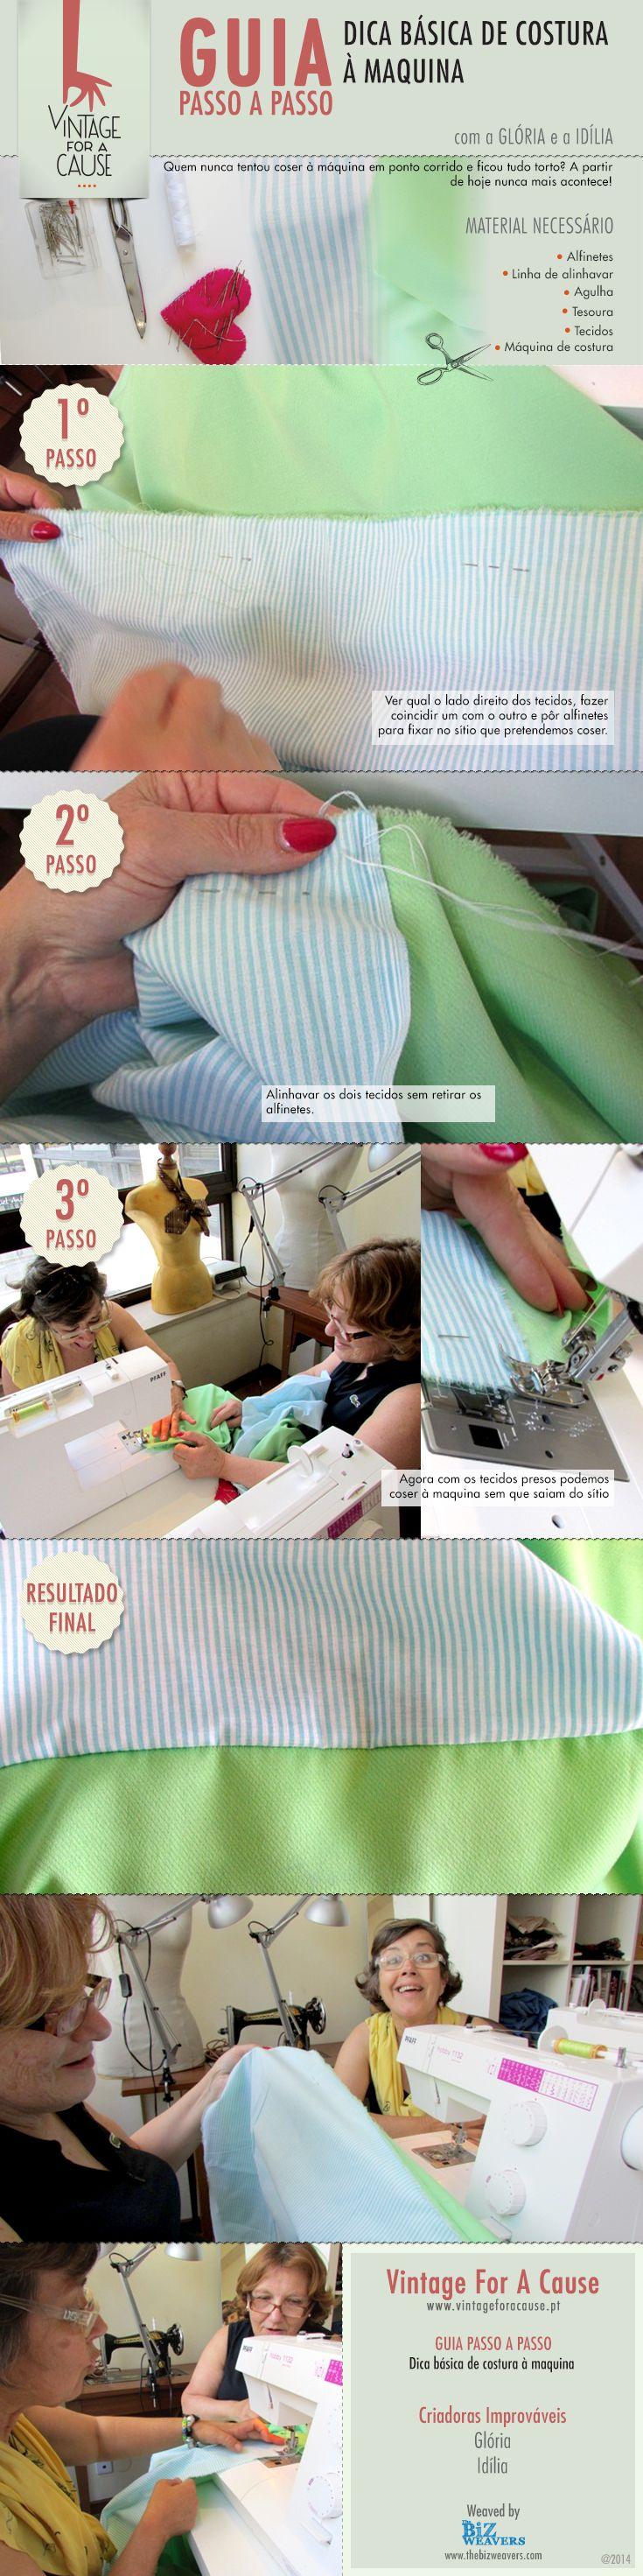 Já tentaram (sem sucesso) coser à máquina em ponto corrido? A Glória e a Idília certificam-se que tudo corre na perfeição. Siga as dicas :)